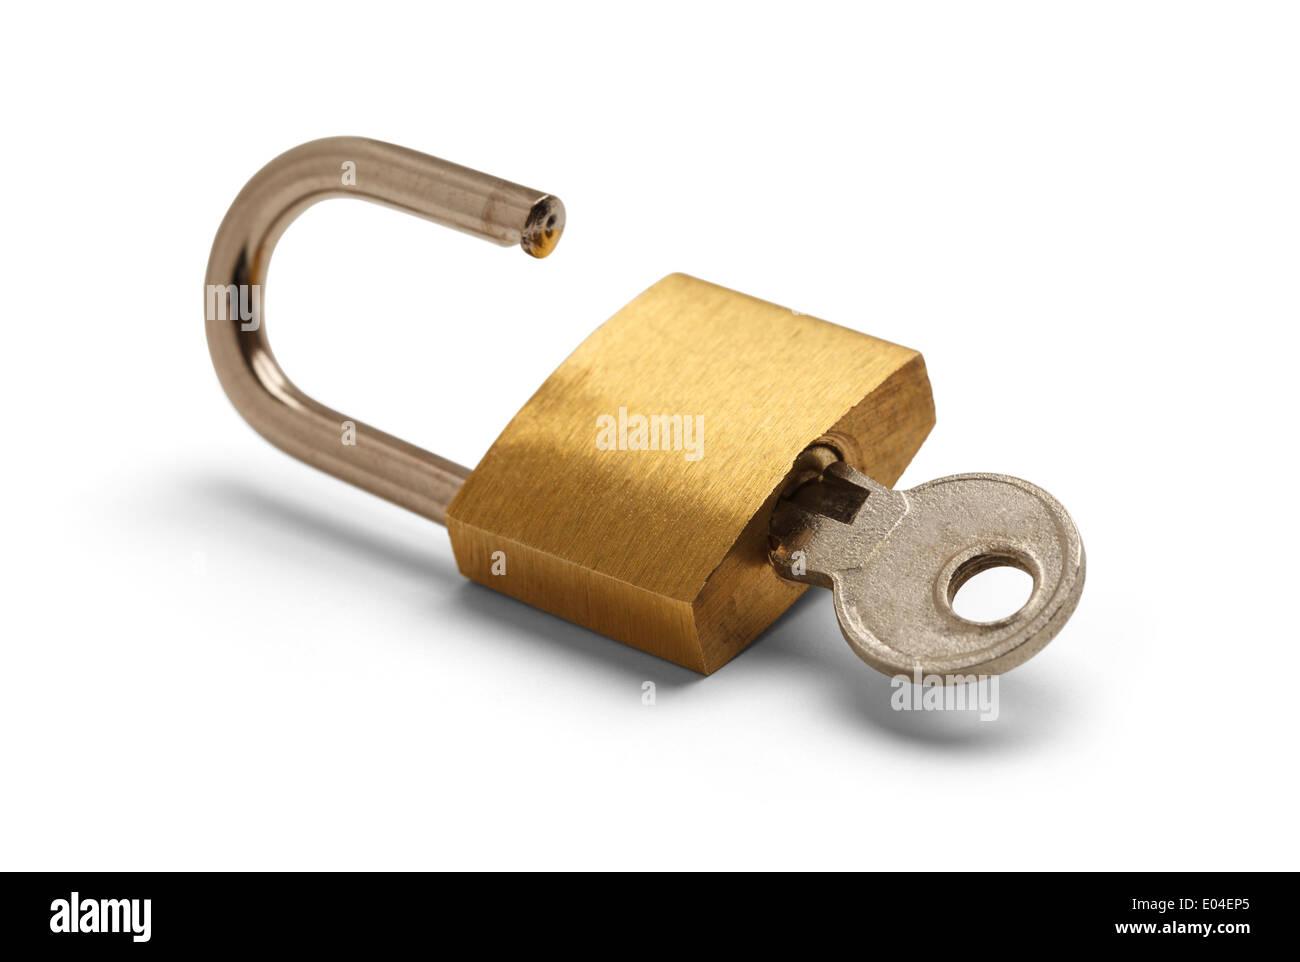 Brass Padlock Unlocked with Key Isolated on White Background. - Stock Image